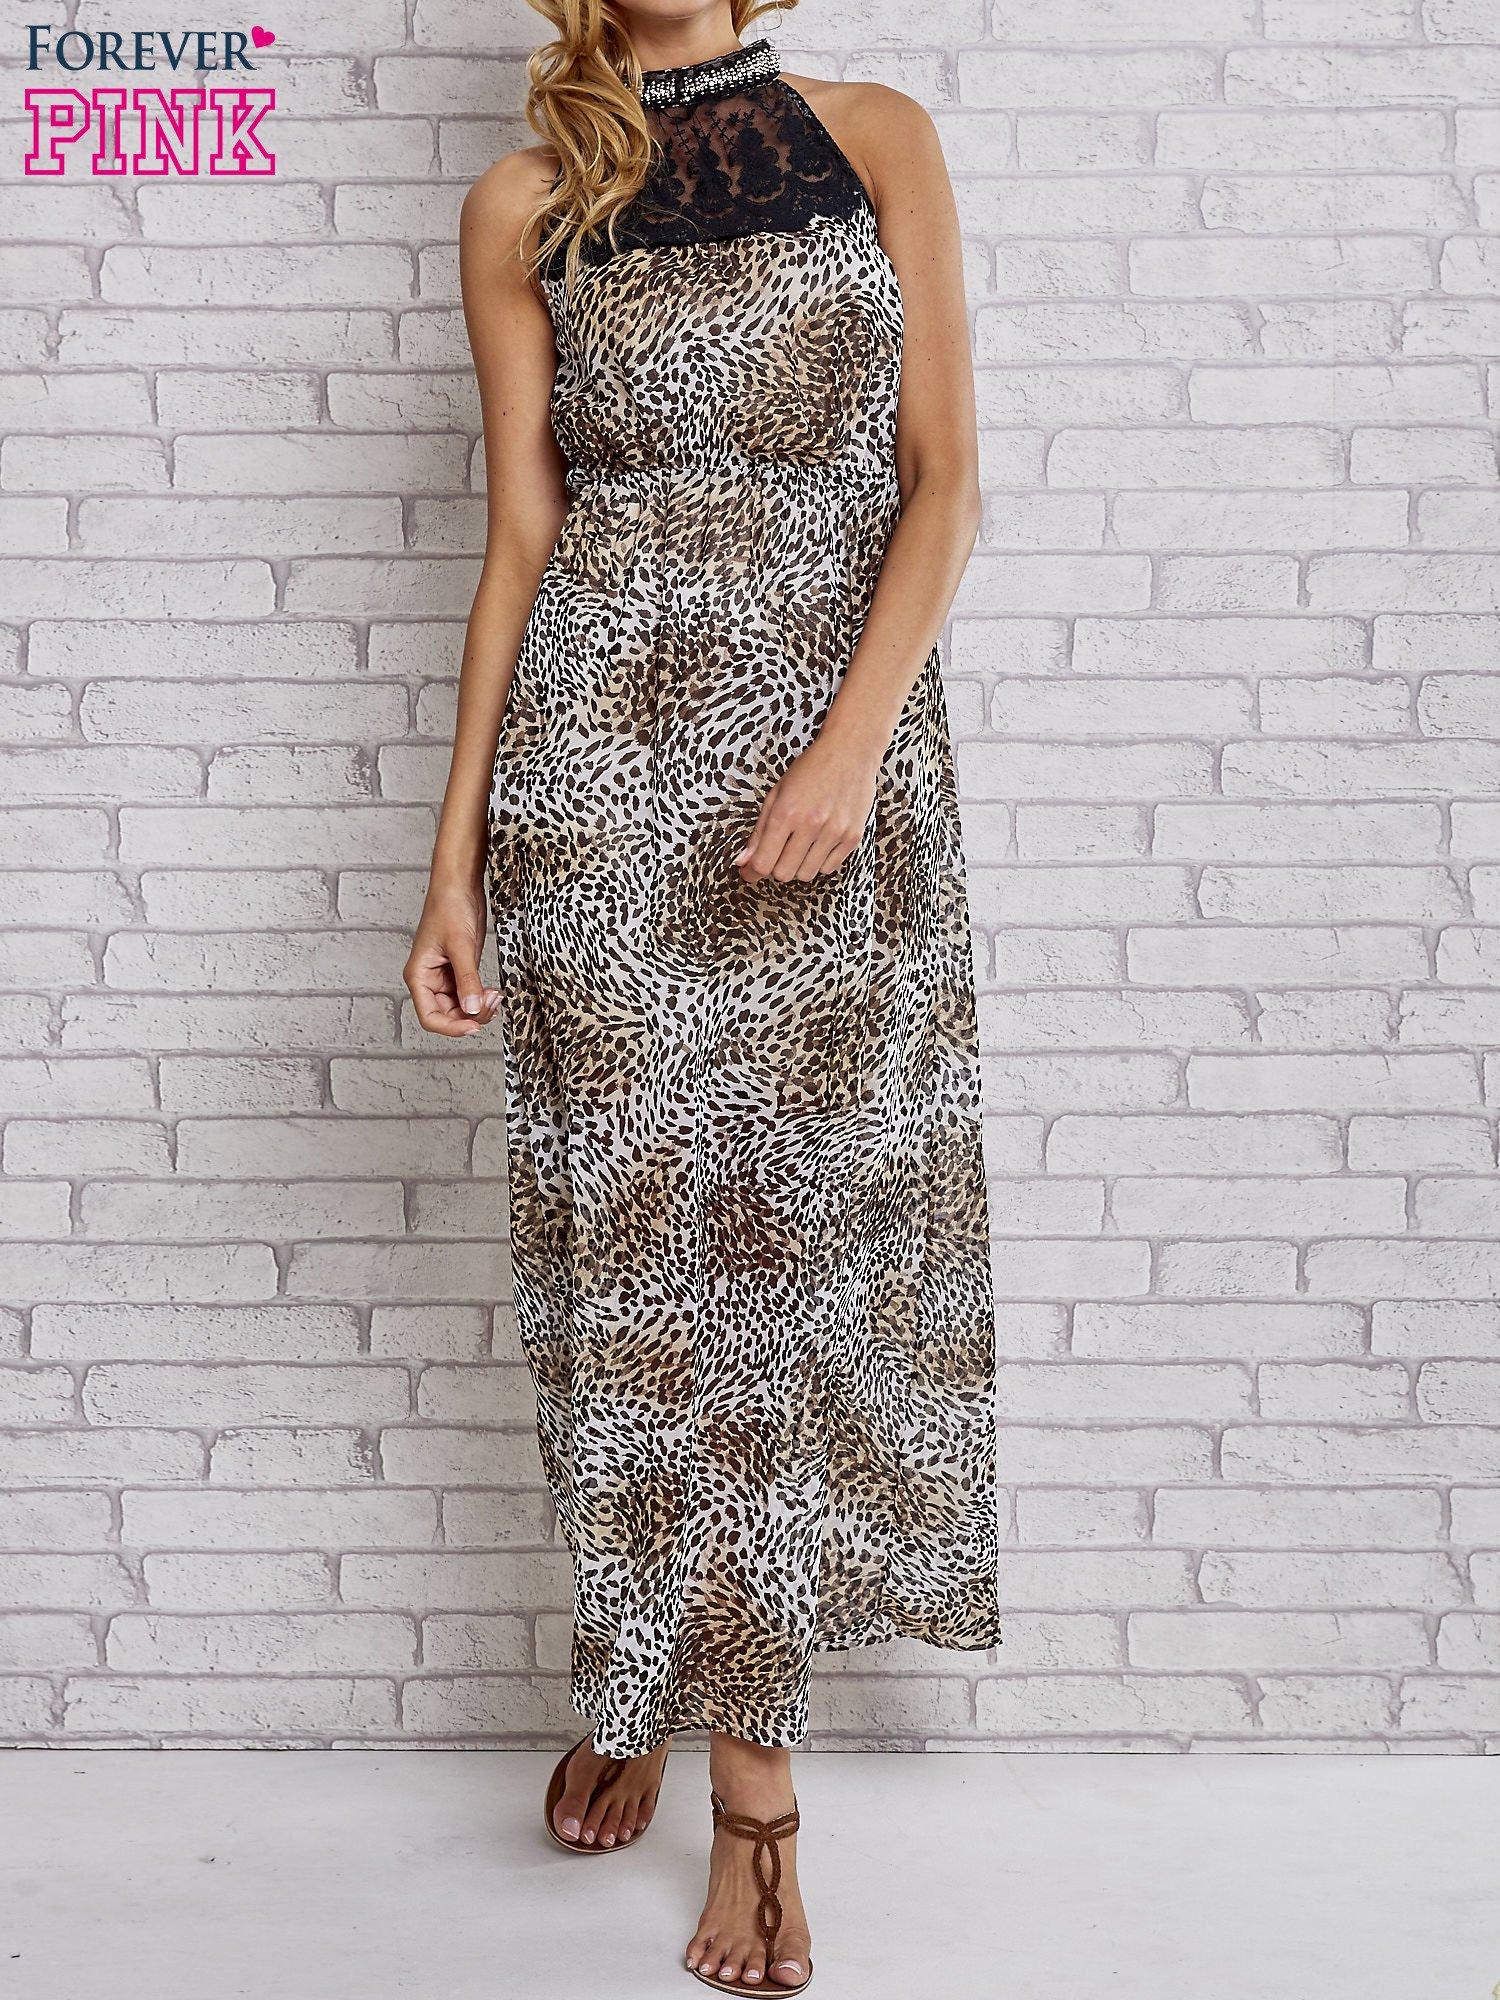 Panterkowa sukienka maxi z koronkowym półgolfem                                  zdj.                                  1